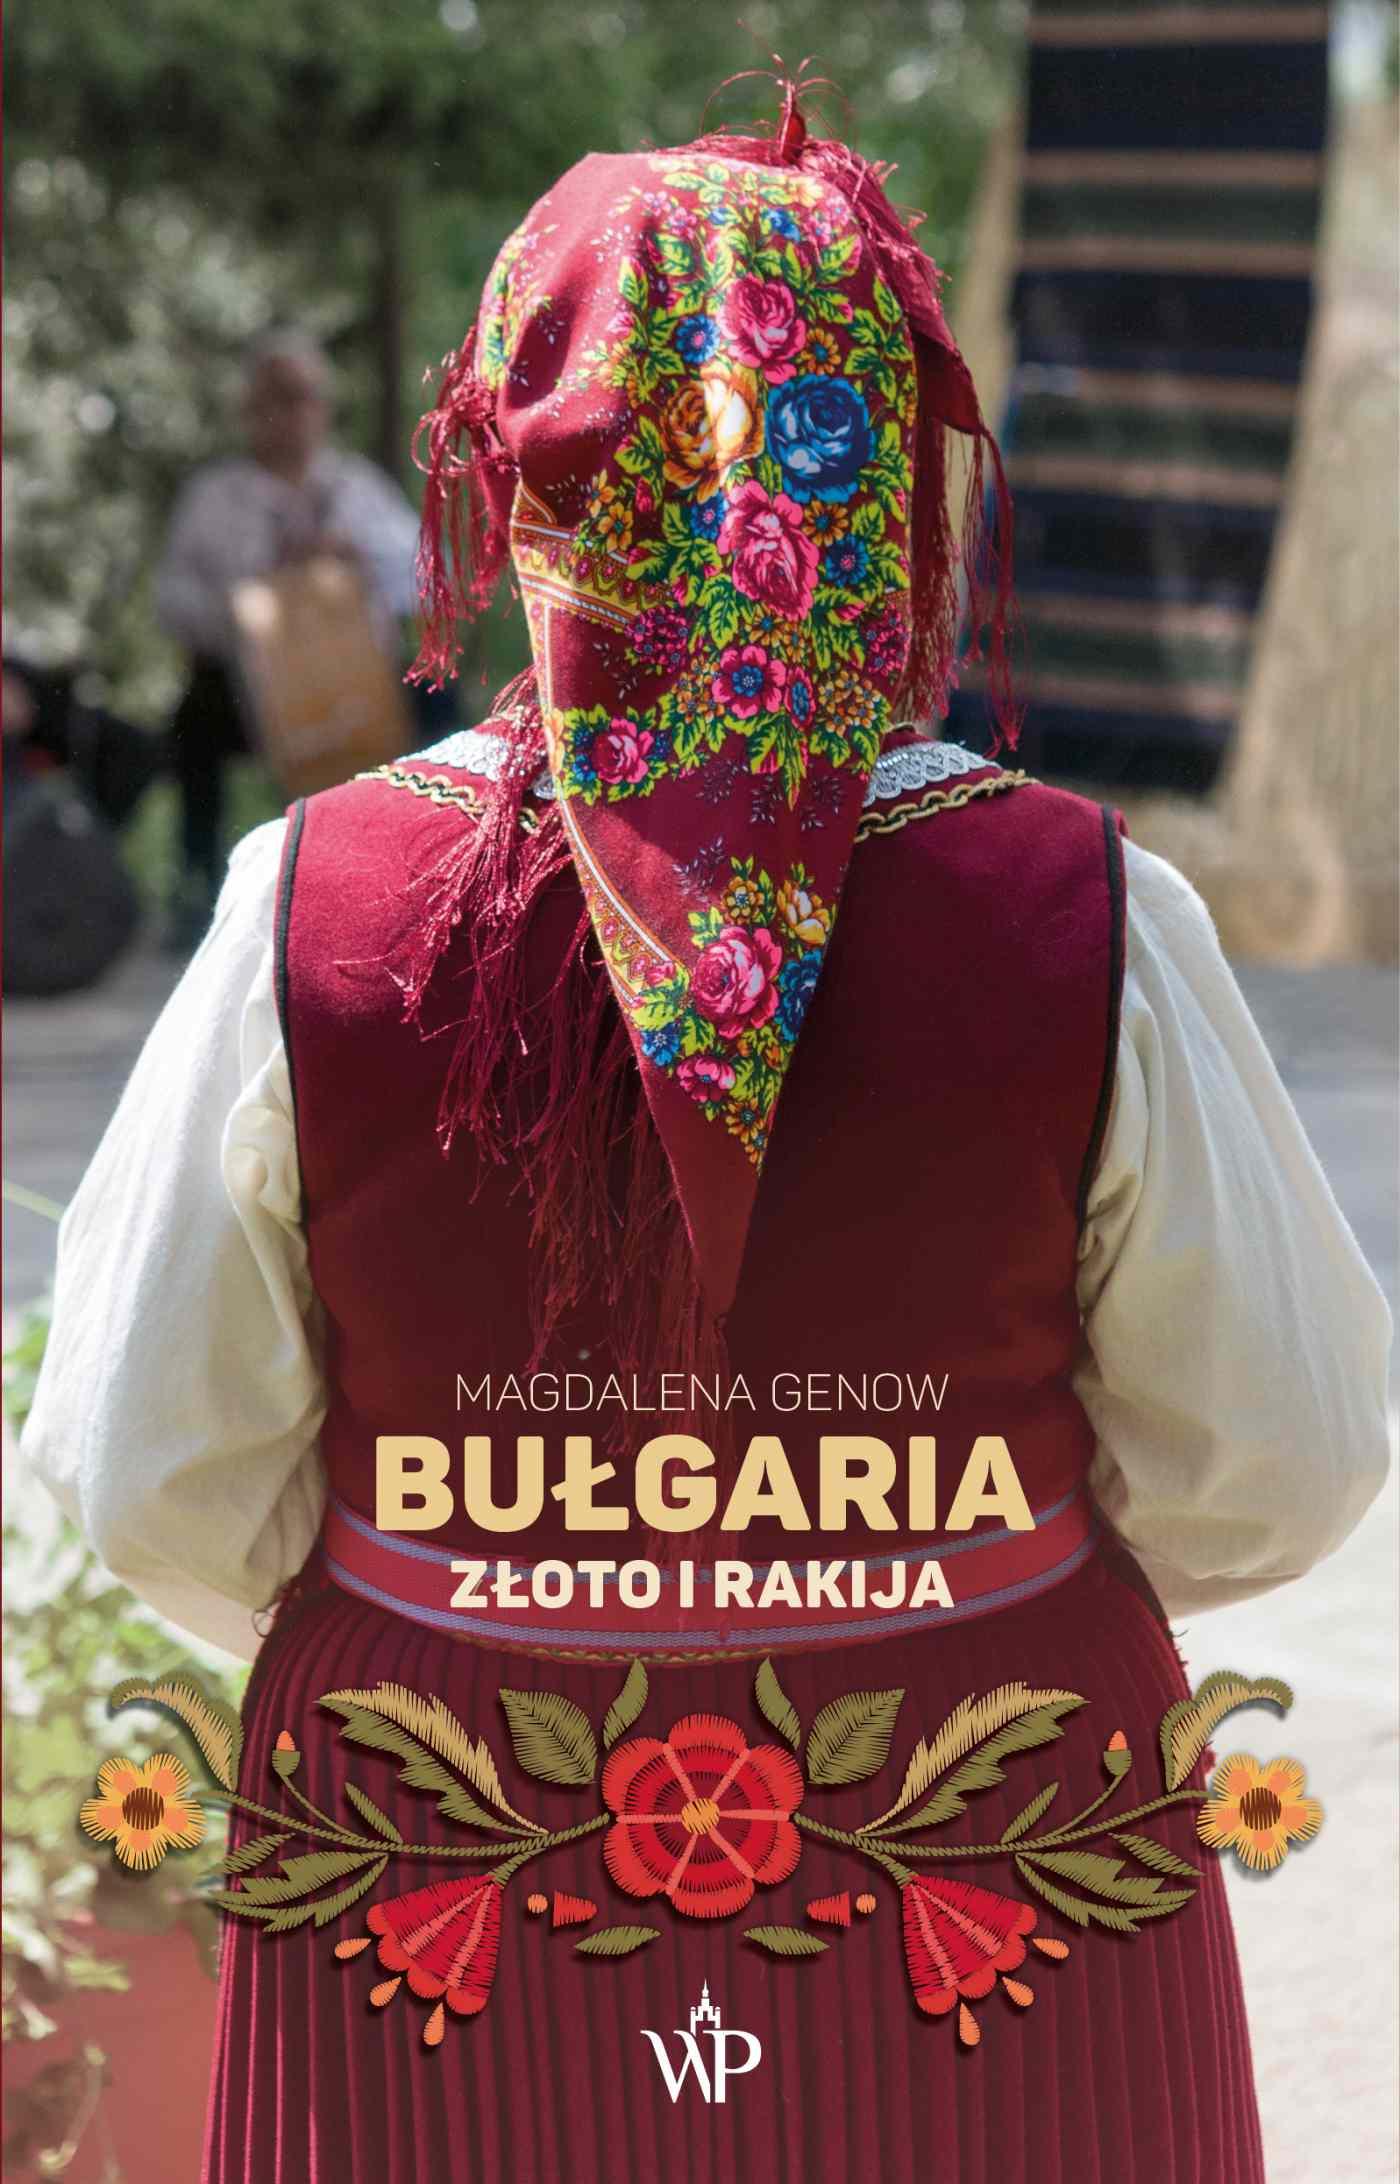 Bułgaria. Złoto i rakija - Ebook (Książka EPUB) do pobrania w formacie EPUB